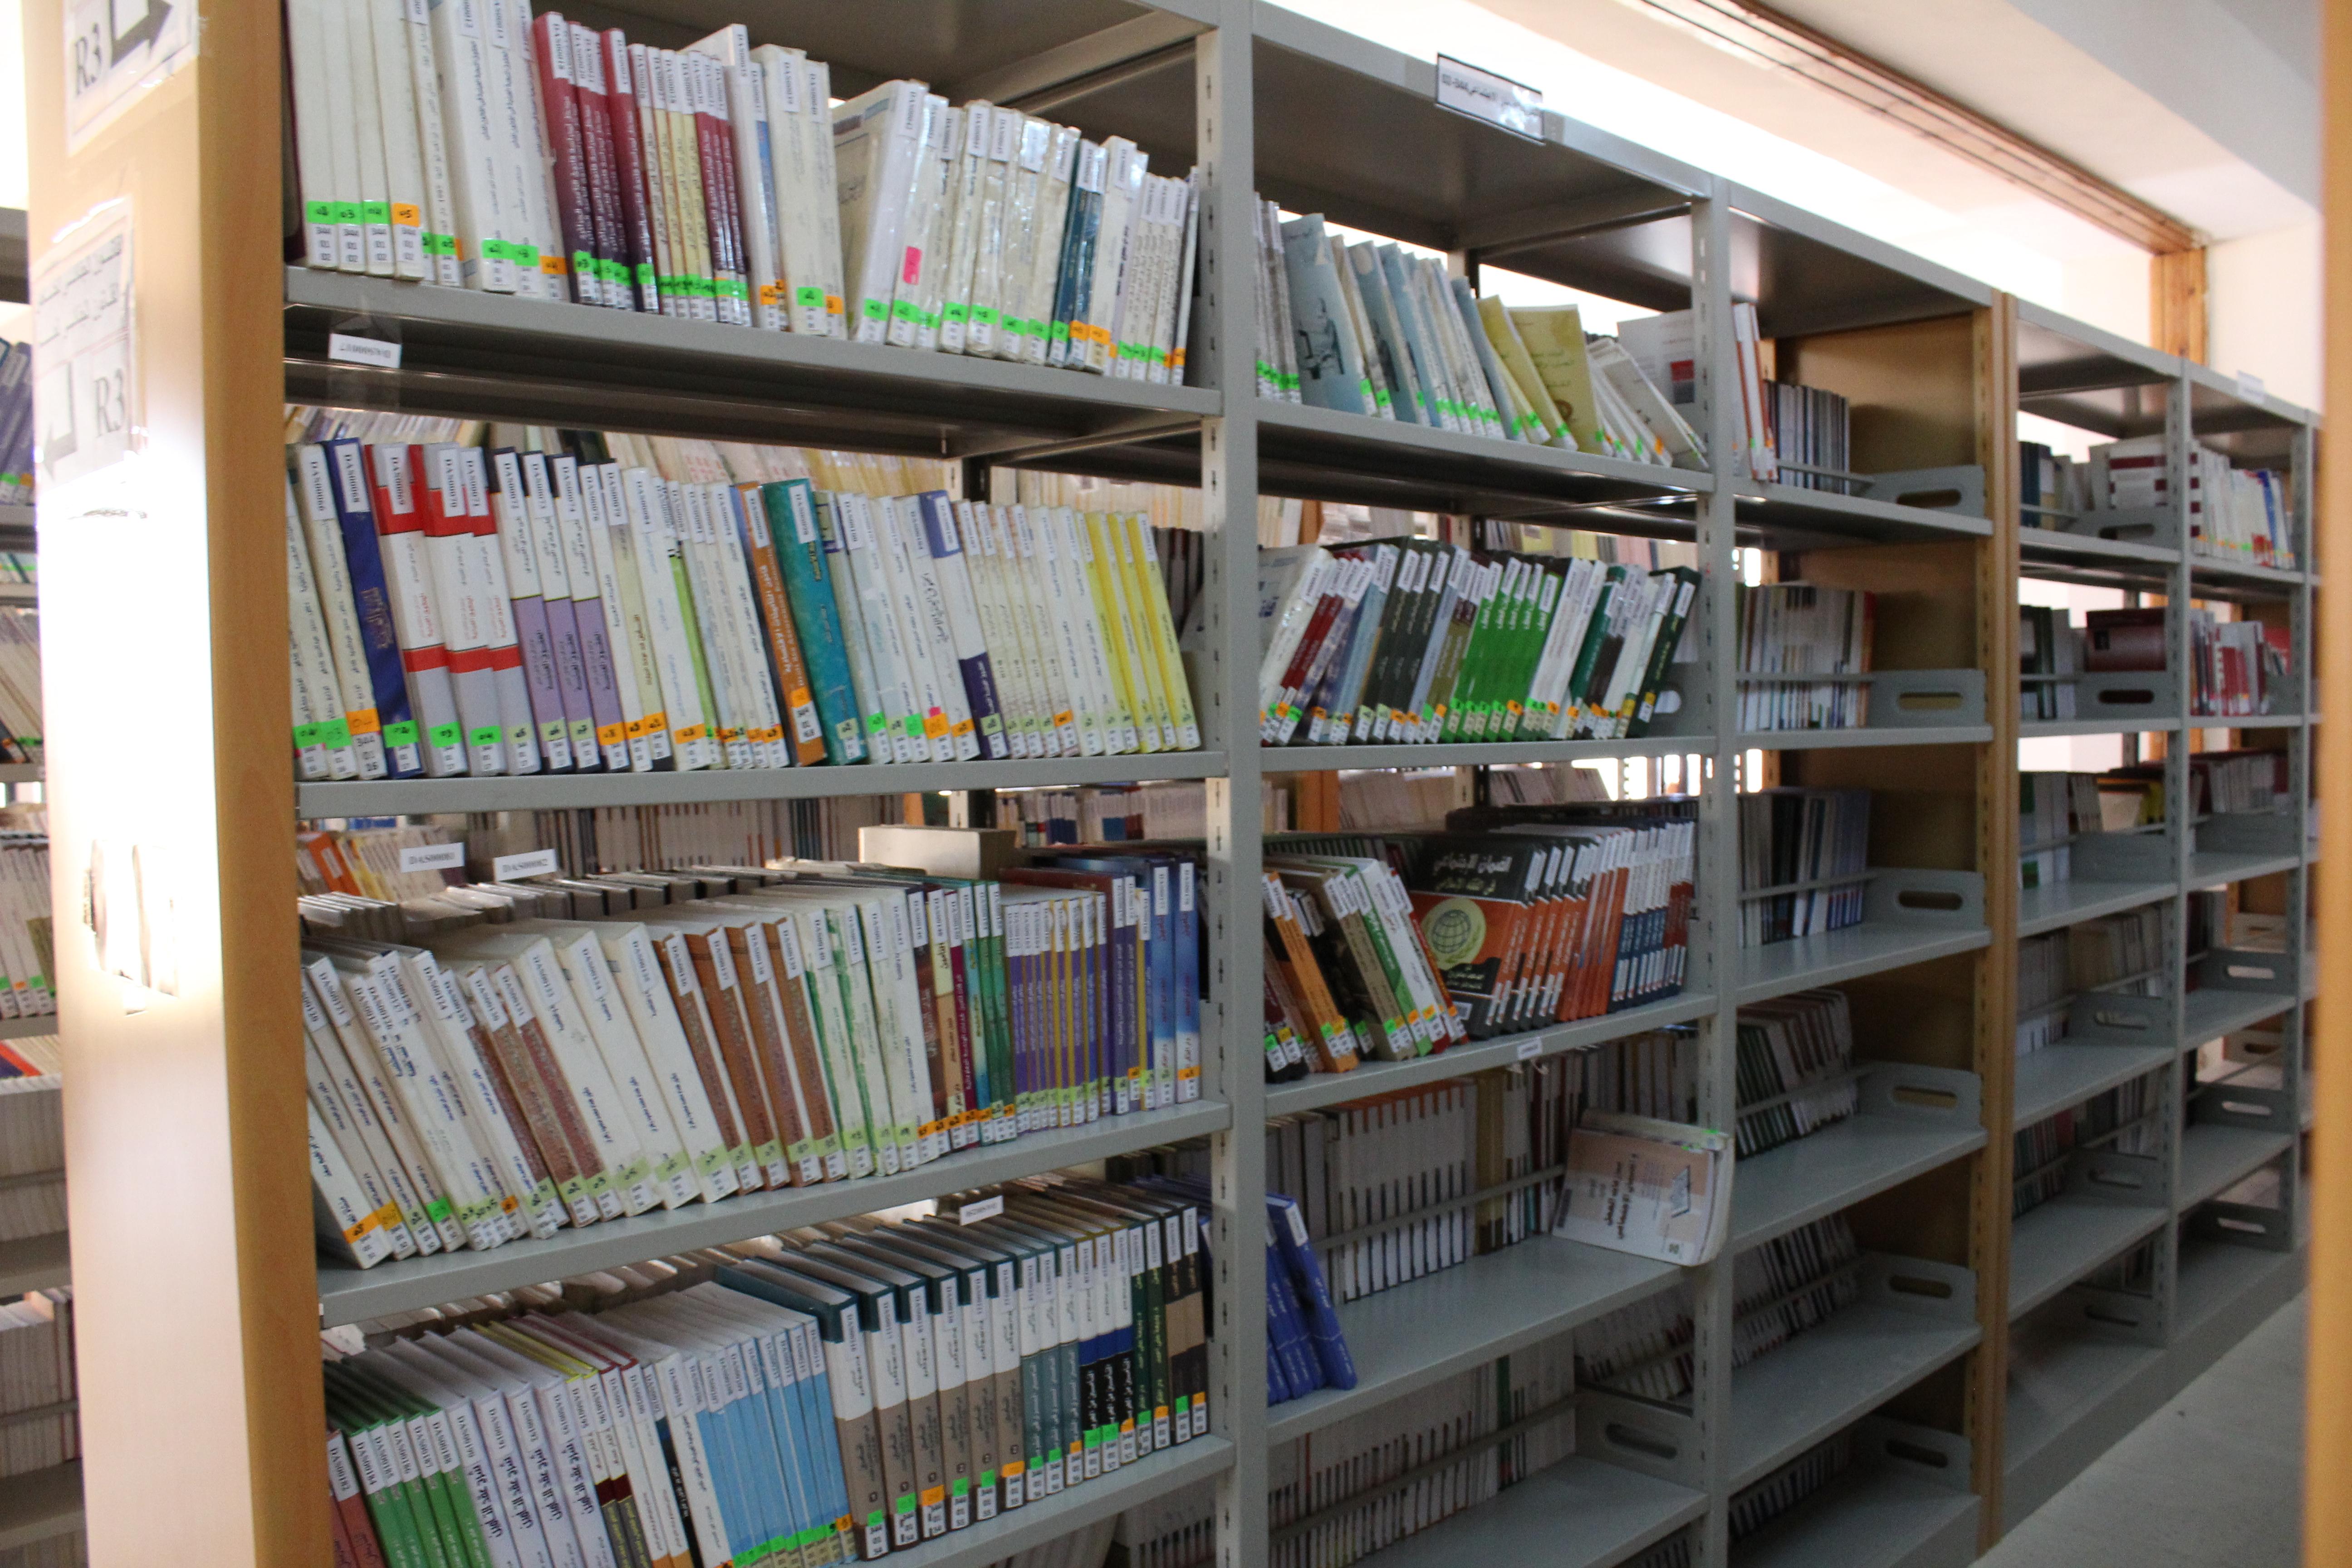 إعلان هام جدًا للطلبة المتأخرين في إرجاع الكتب المعارة